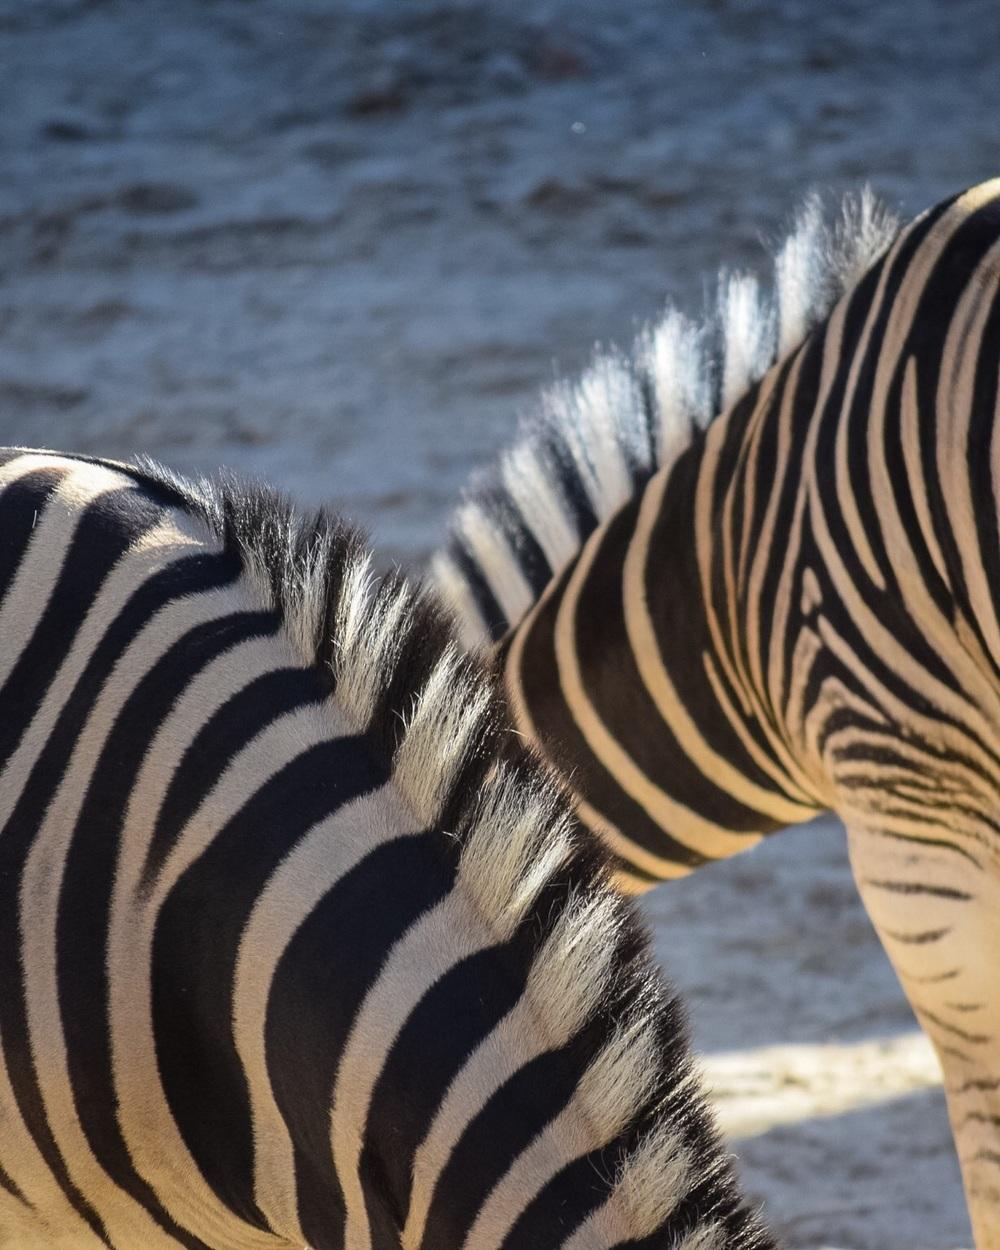 Chapmans's Zebras are a subspecies of the plains zebra